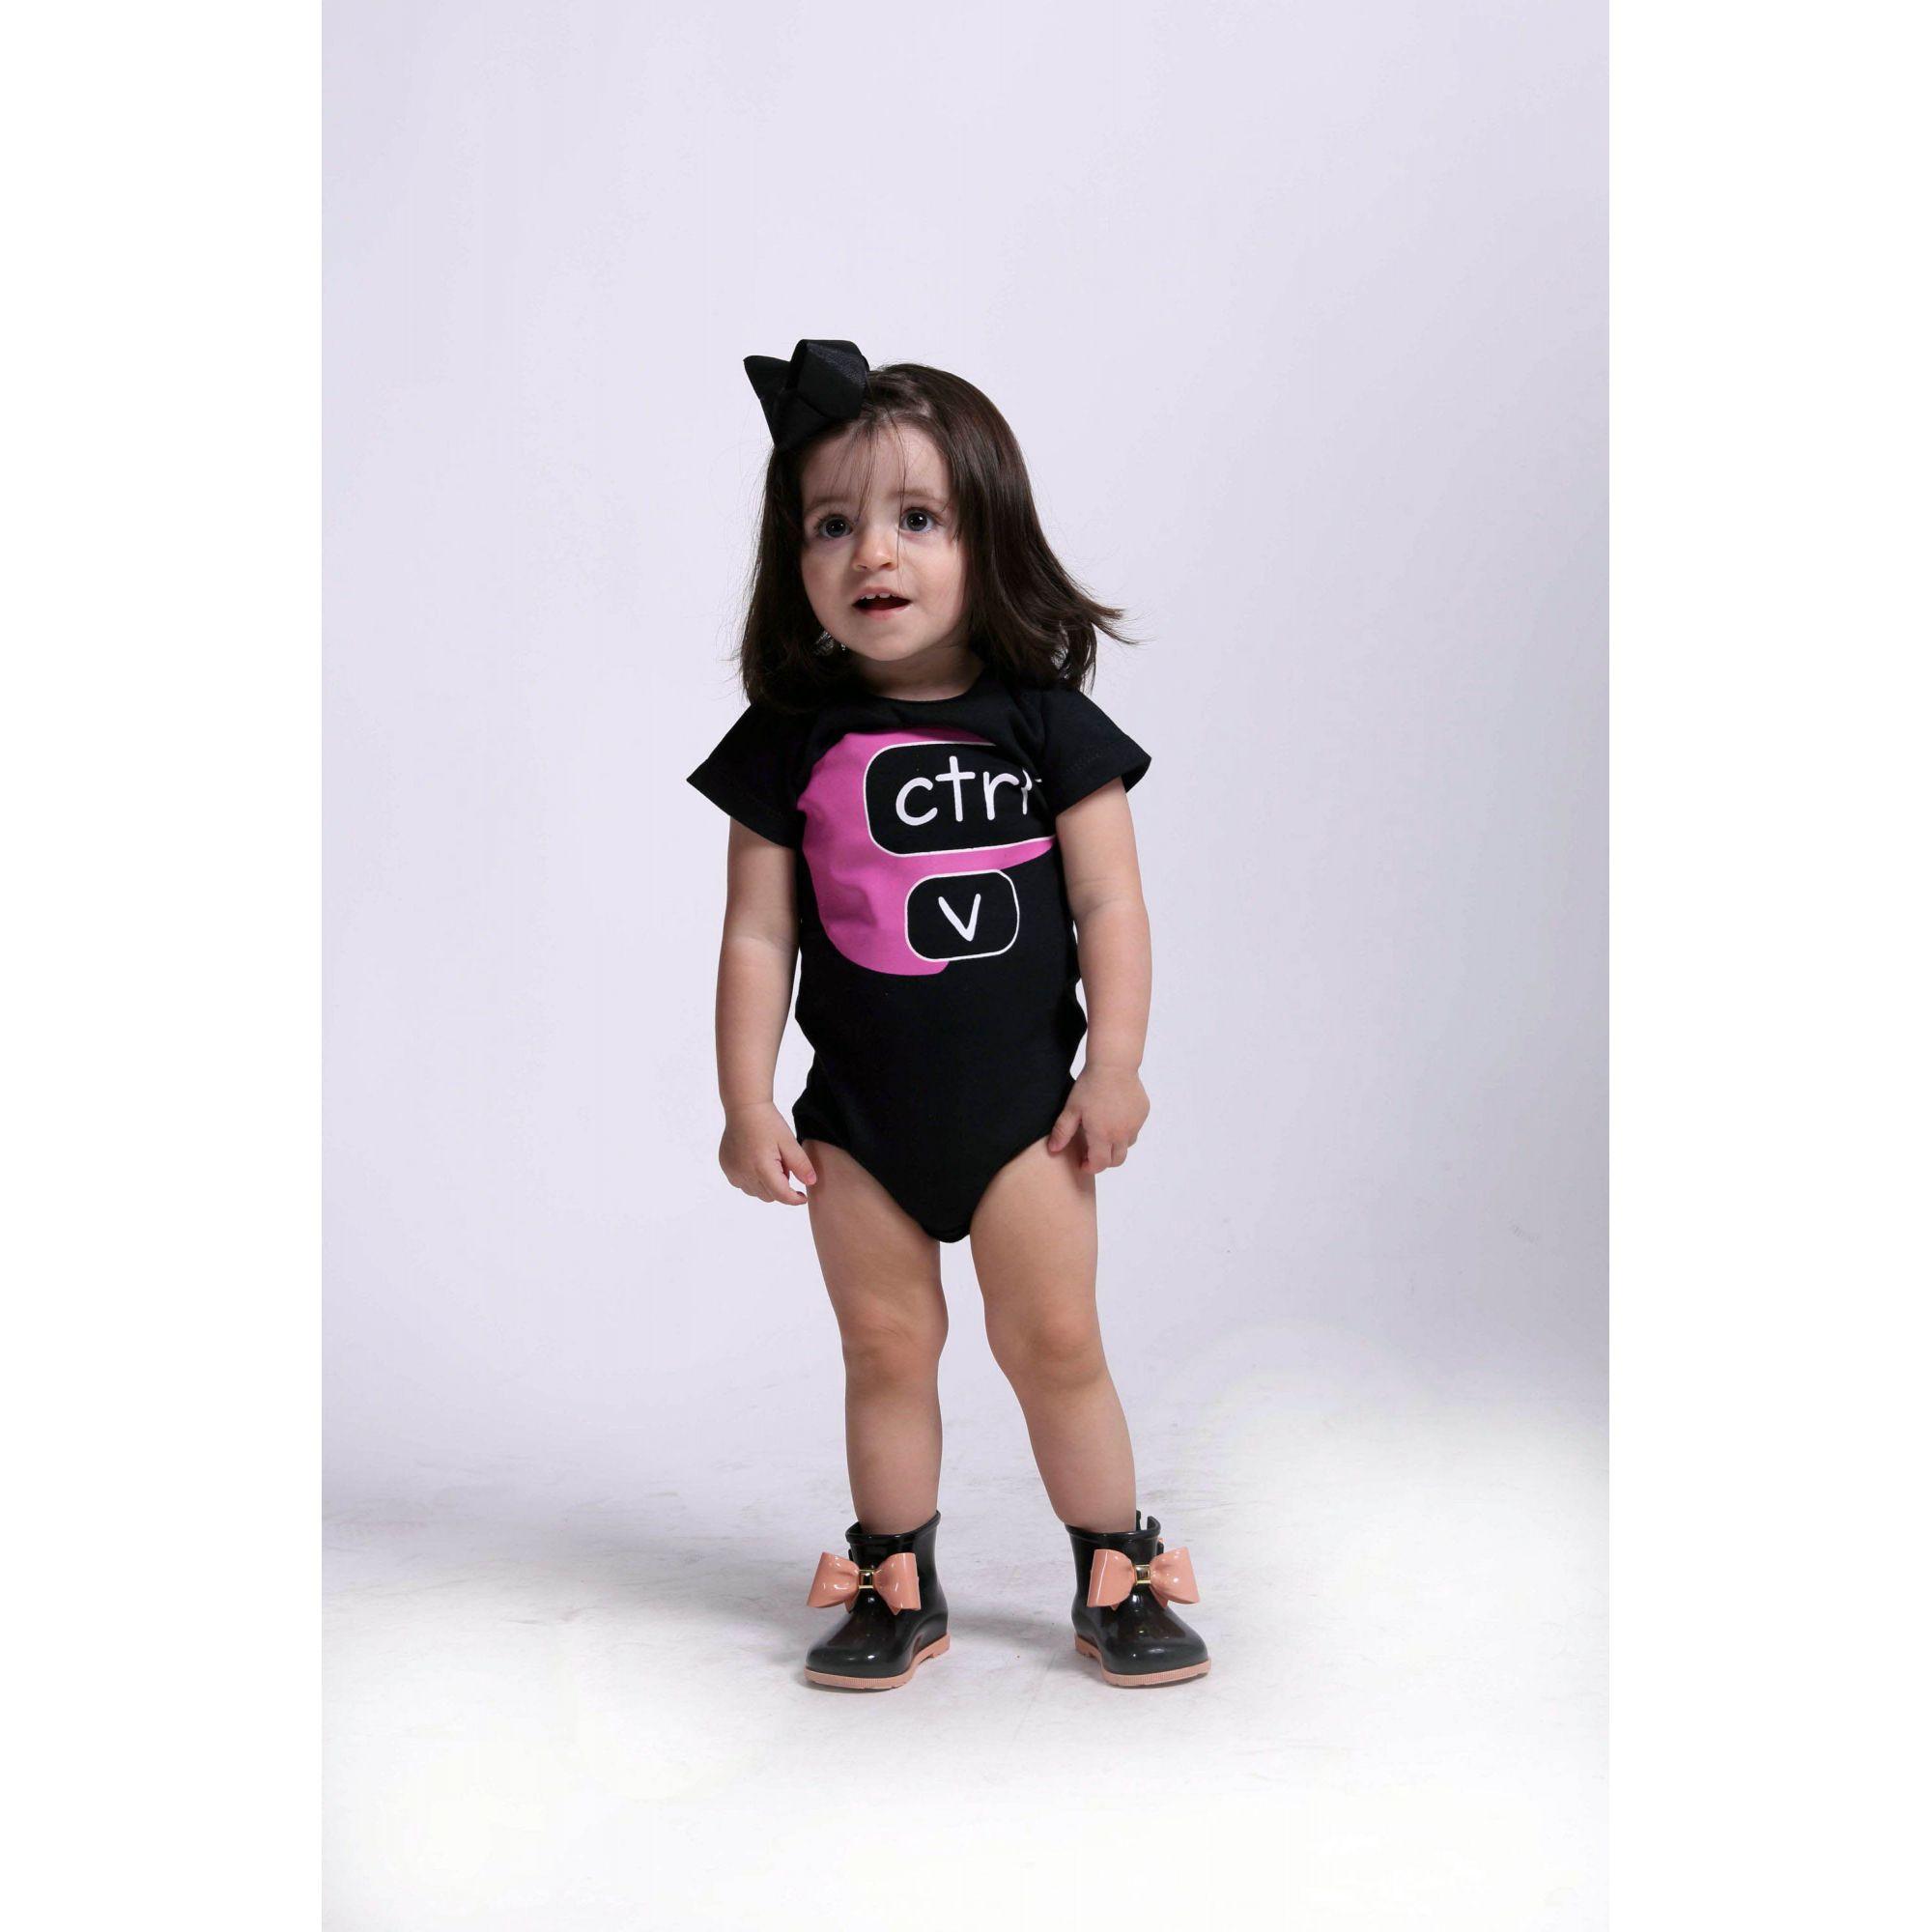 PAIS E FILHOS > Kit 3 Camisetas Pretas com rosa CTRL-C & CTRL-V [Coleção Família]  - Heitor Fashion Brazil